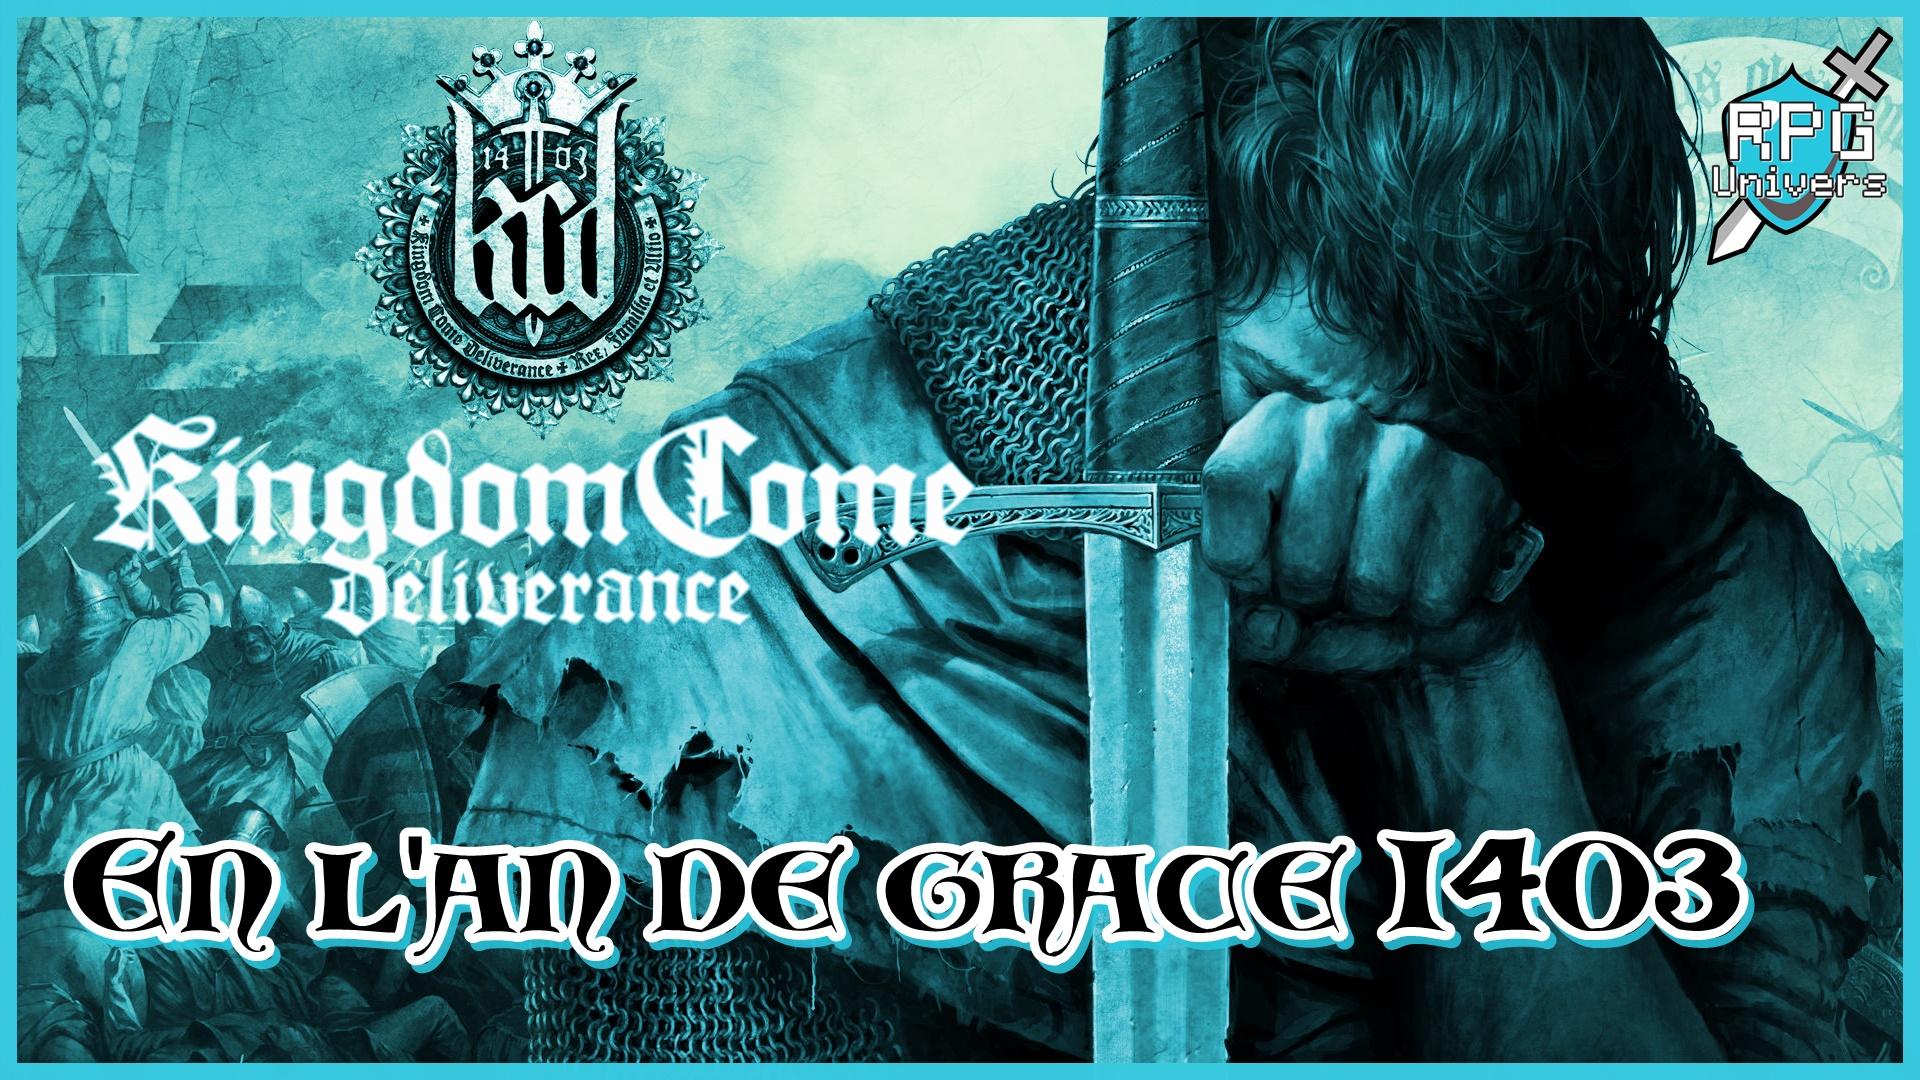 Kingdom Come Deliverance: En l'an de grâce 1403…